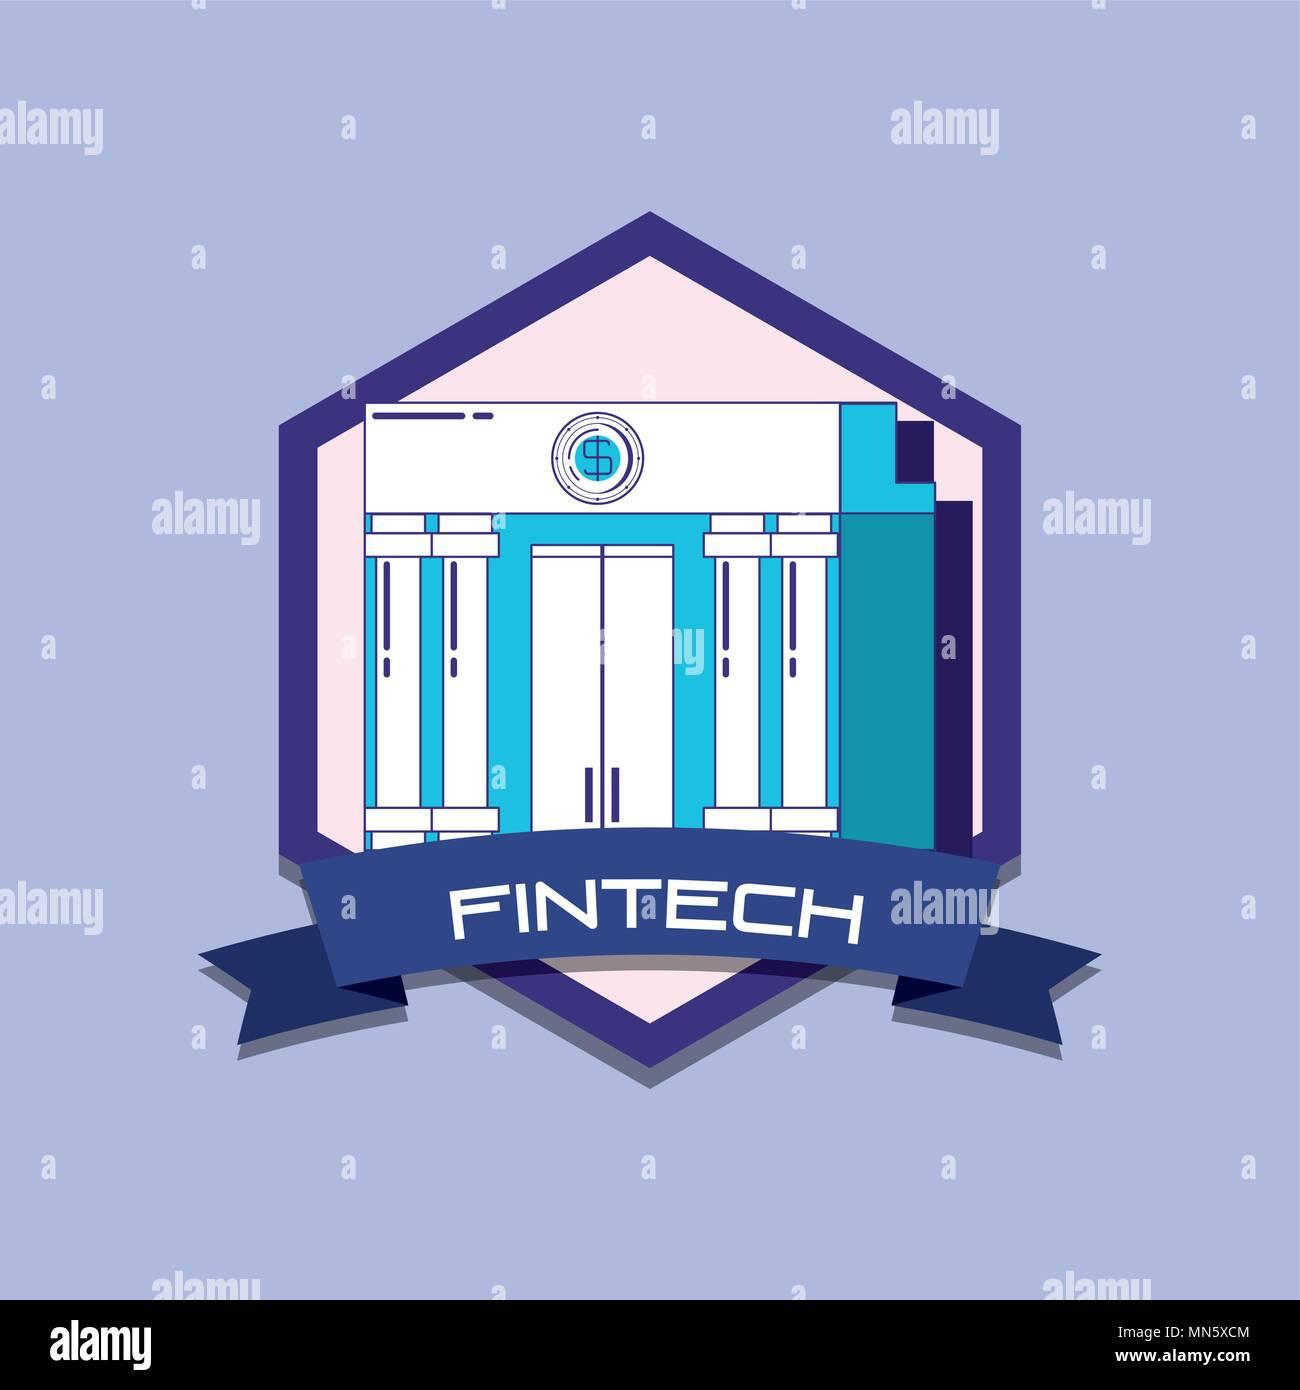 Emblème de fintech concept avec bank building icône sur fond violet, design coloré. vector illustration Illustration de Vecteur